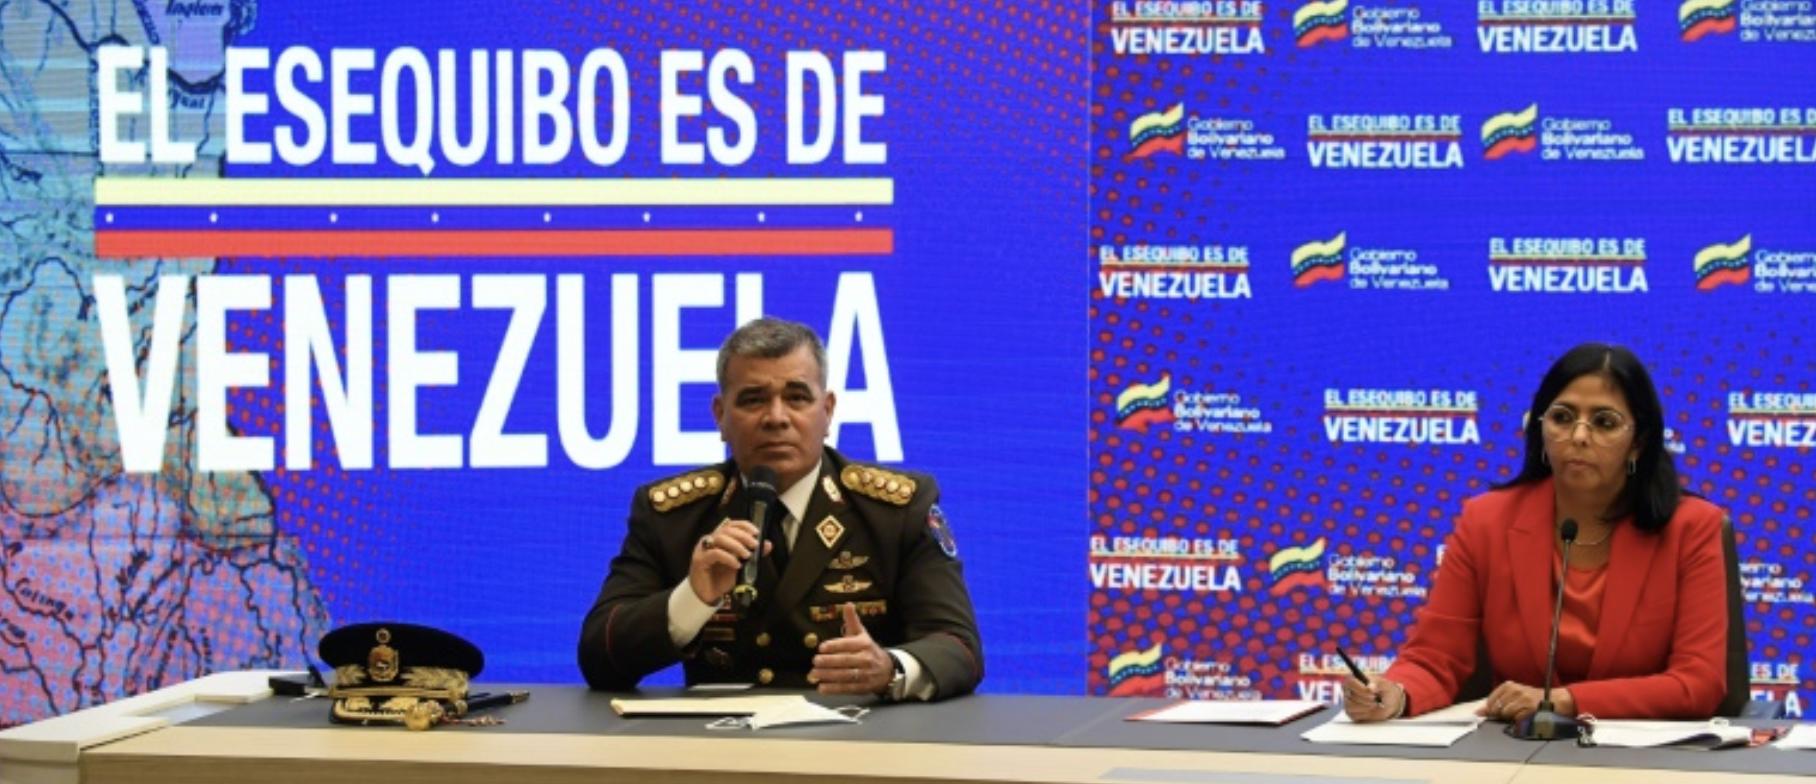 Pentágono provoca Venezuela na Guiana, como sempre, para ficar com o petróleo